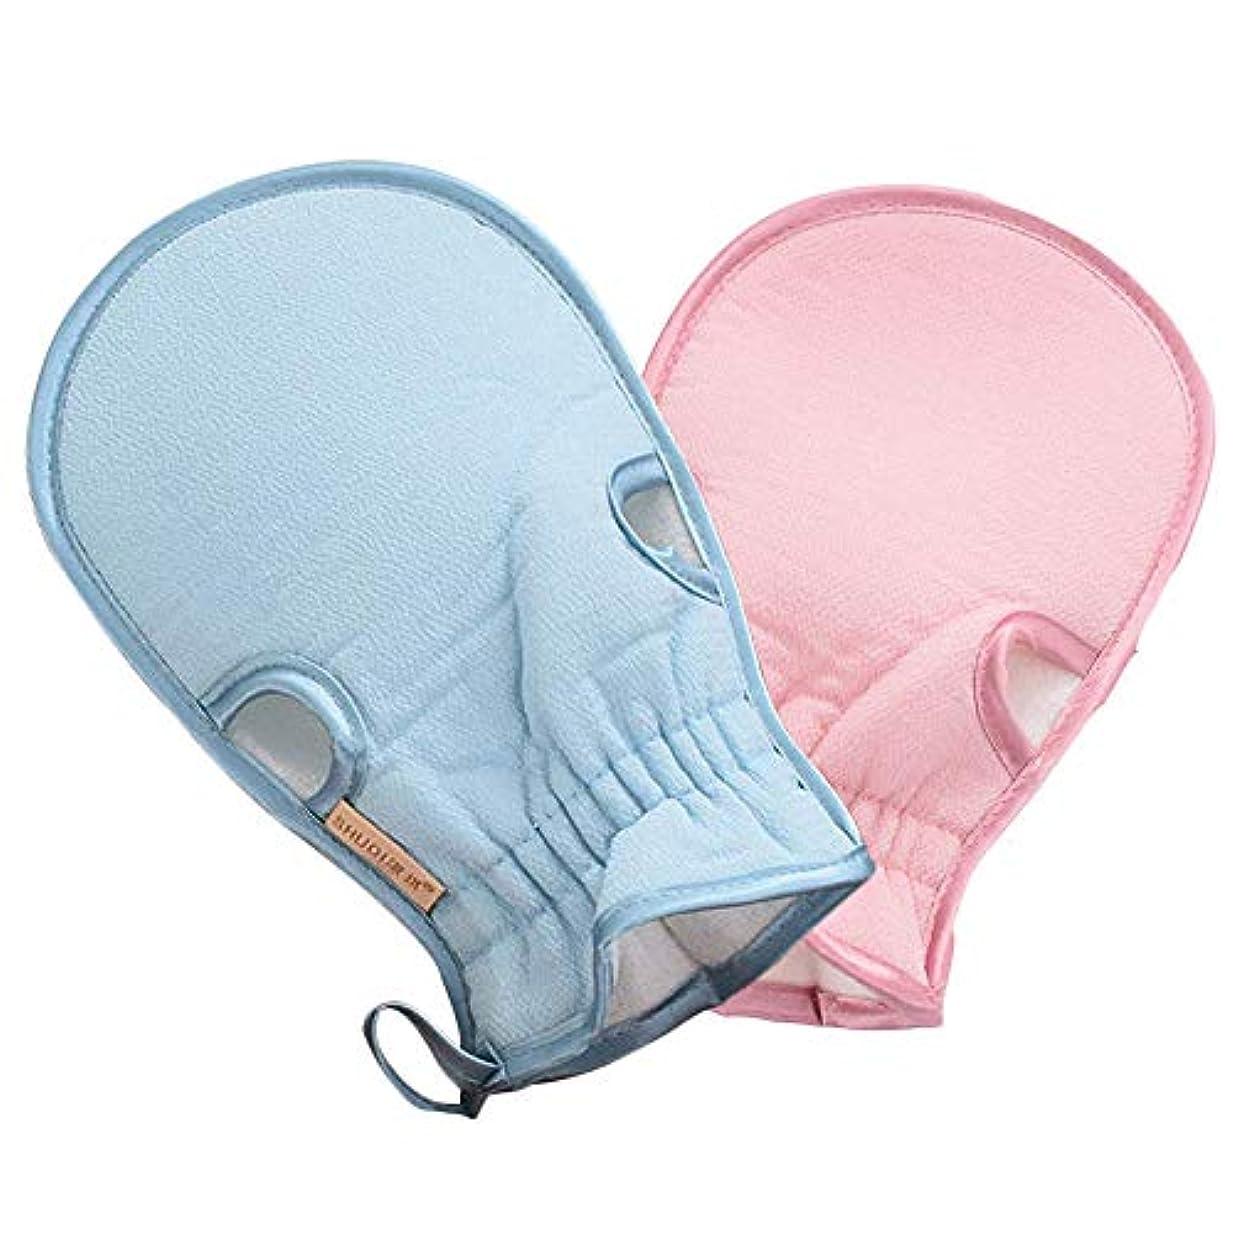 咽頭純度ナチュラル2パック浴用手袋 あかすり ボディタオル 入浴用品 バス用品 垢すり手袋 毛穴清潔 角質除去